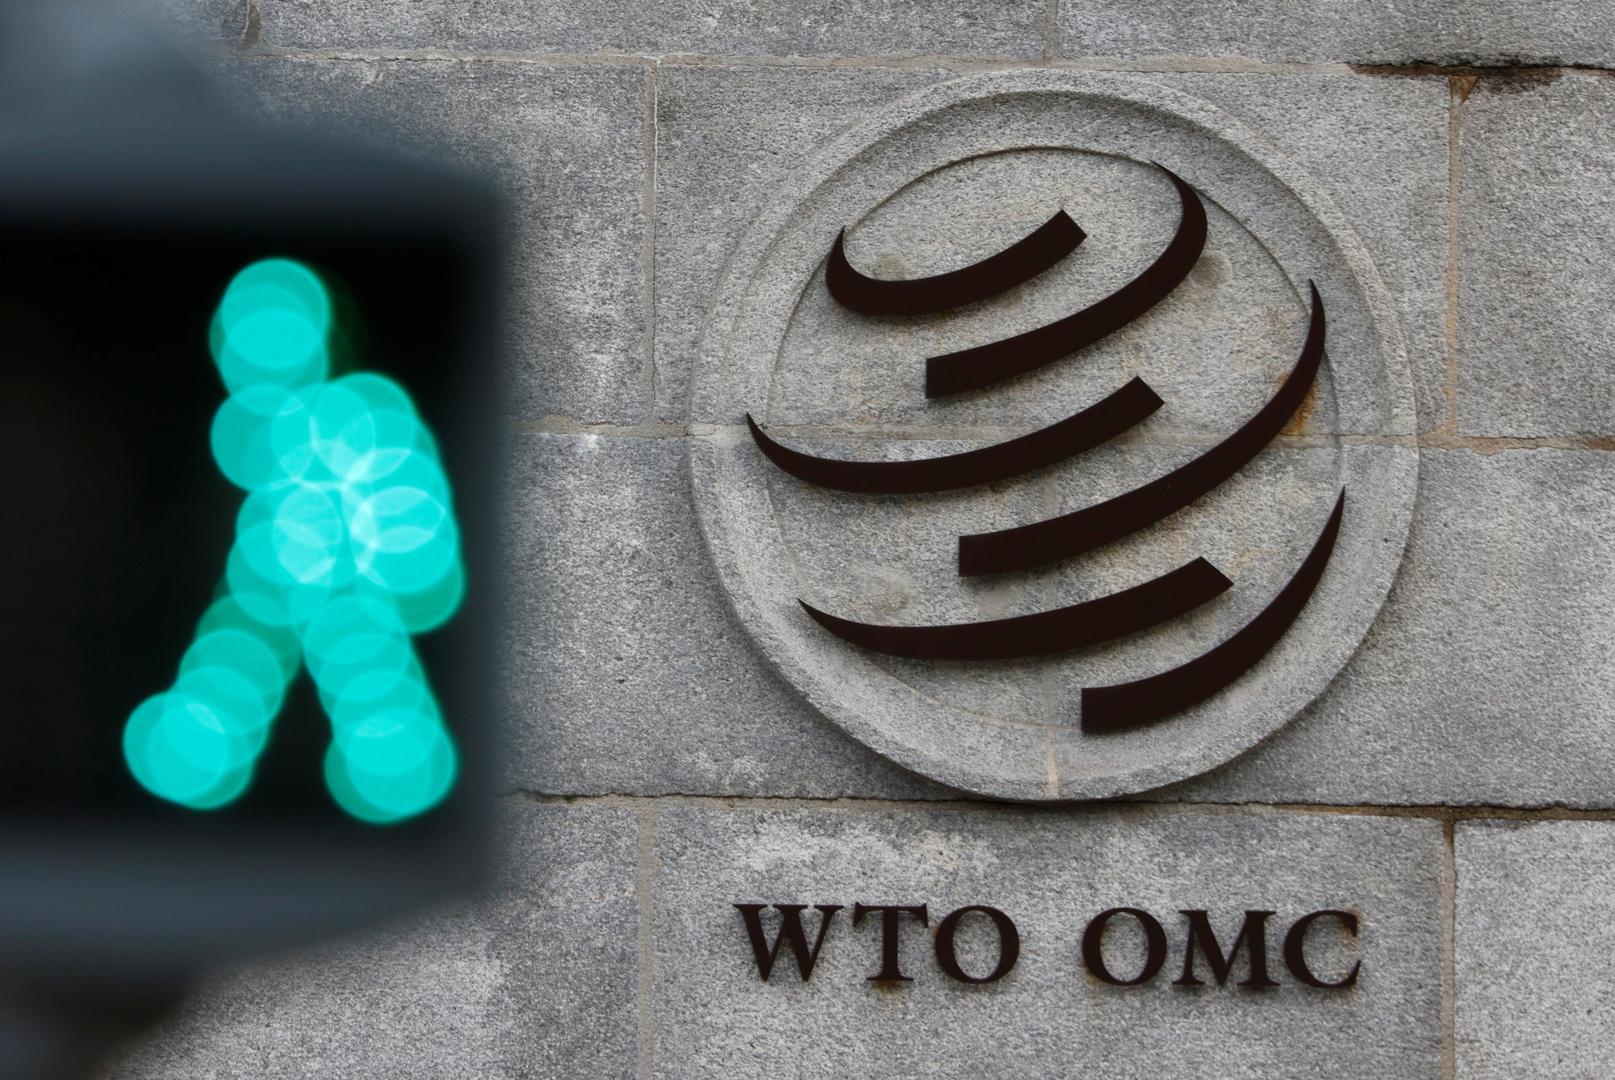 منظمة التجارة: جائحة كورونا تفضي إلى تراجع حاد في تقييد التجارة